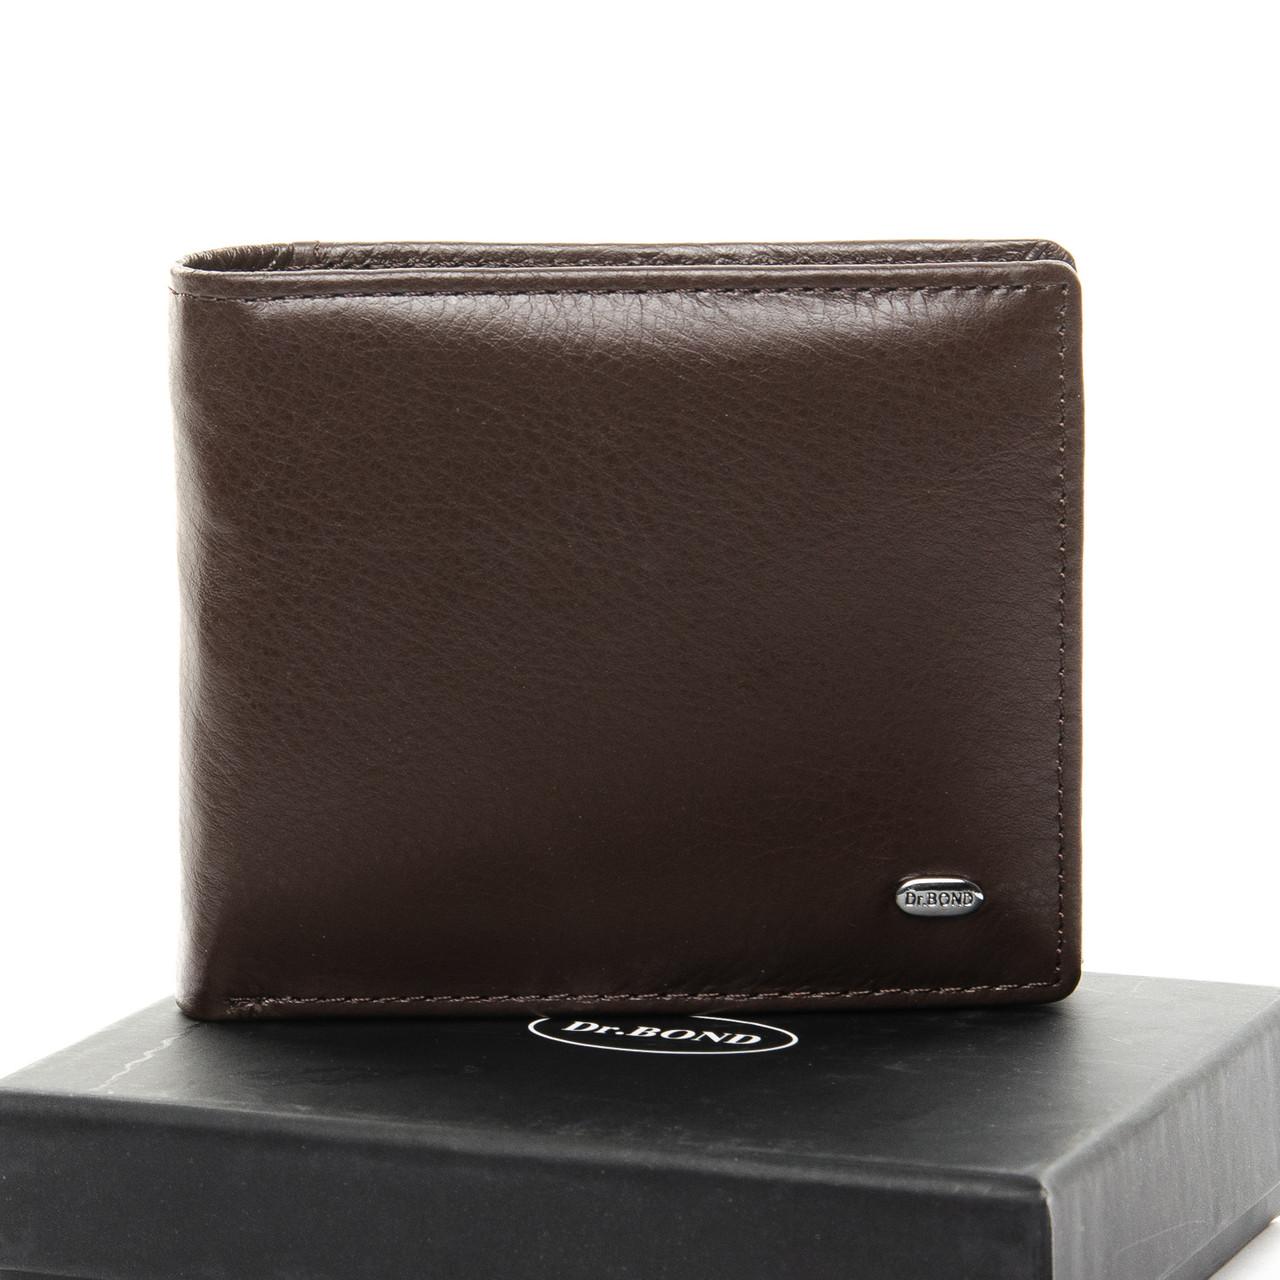 Шкіряний чоловічий гаманець / Кожаный мужской кошелек DR. BOND MSM-4 coffee